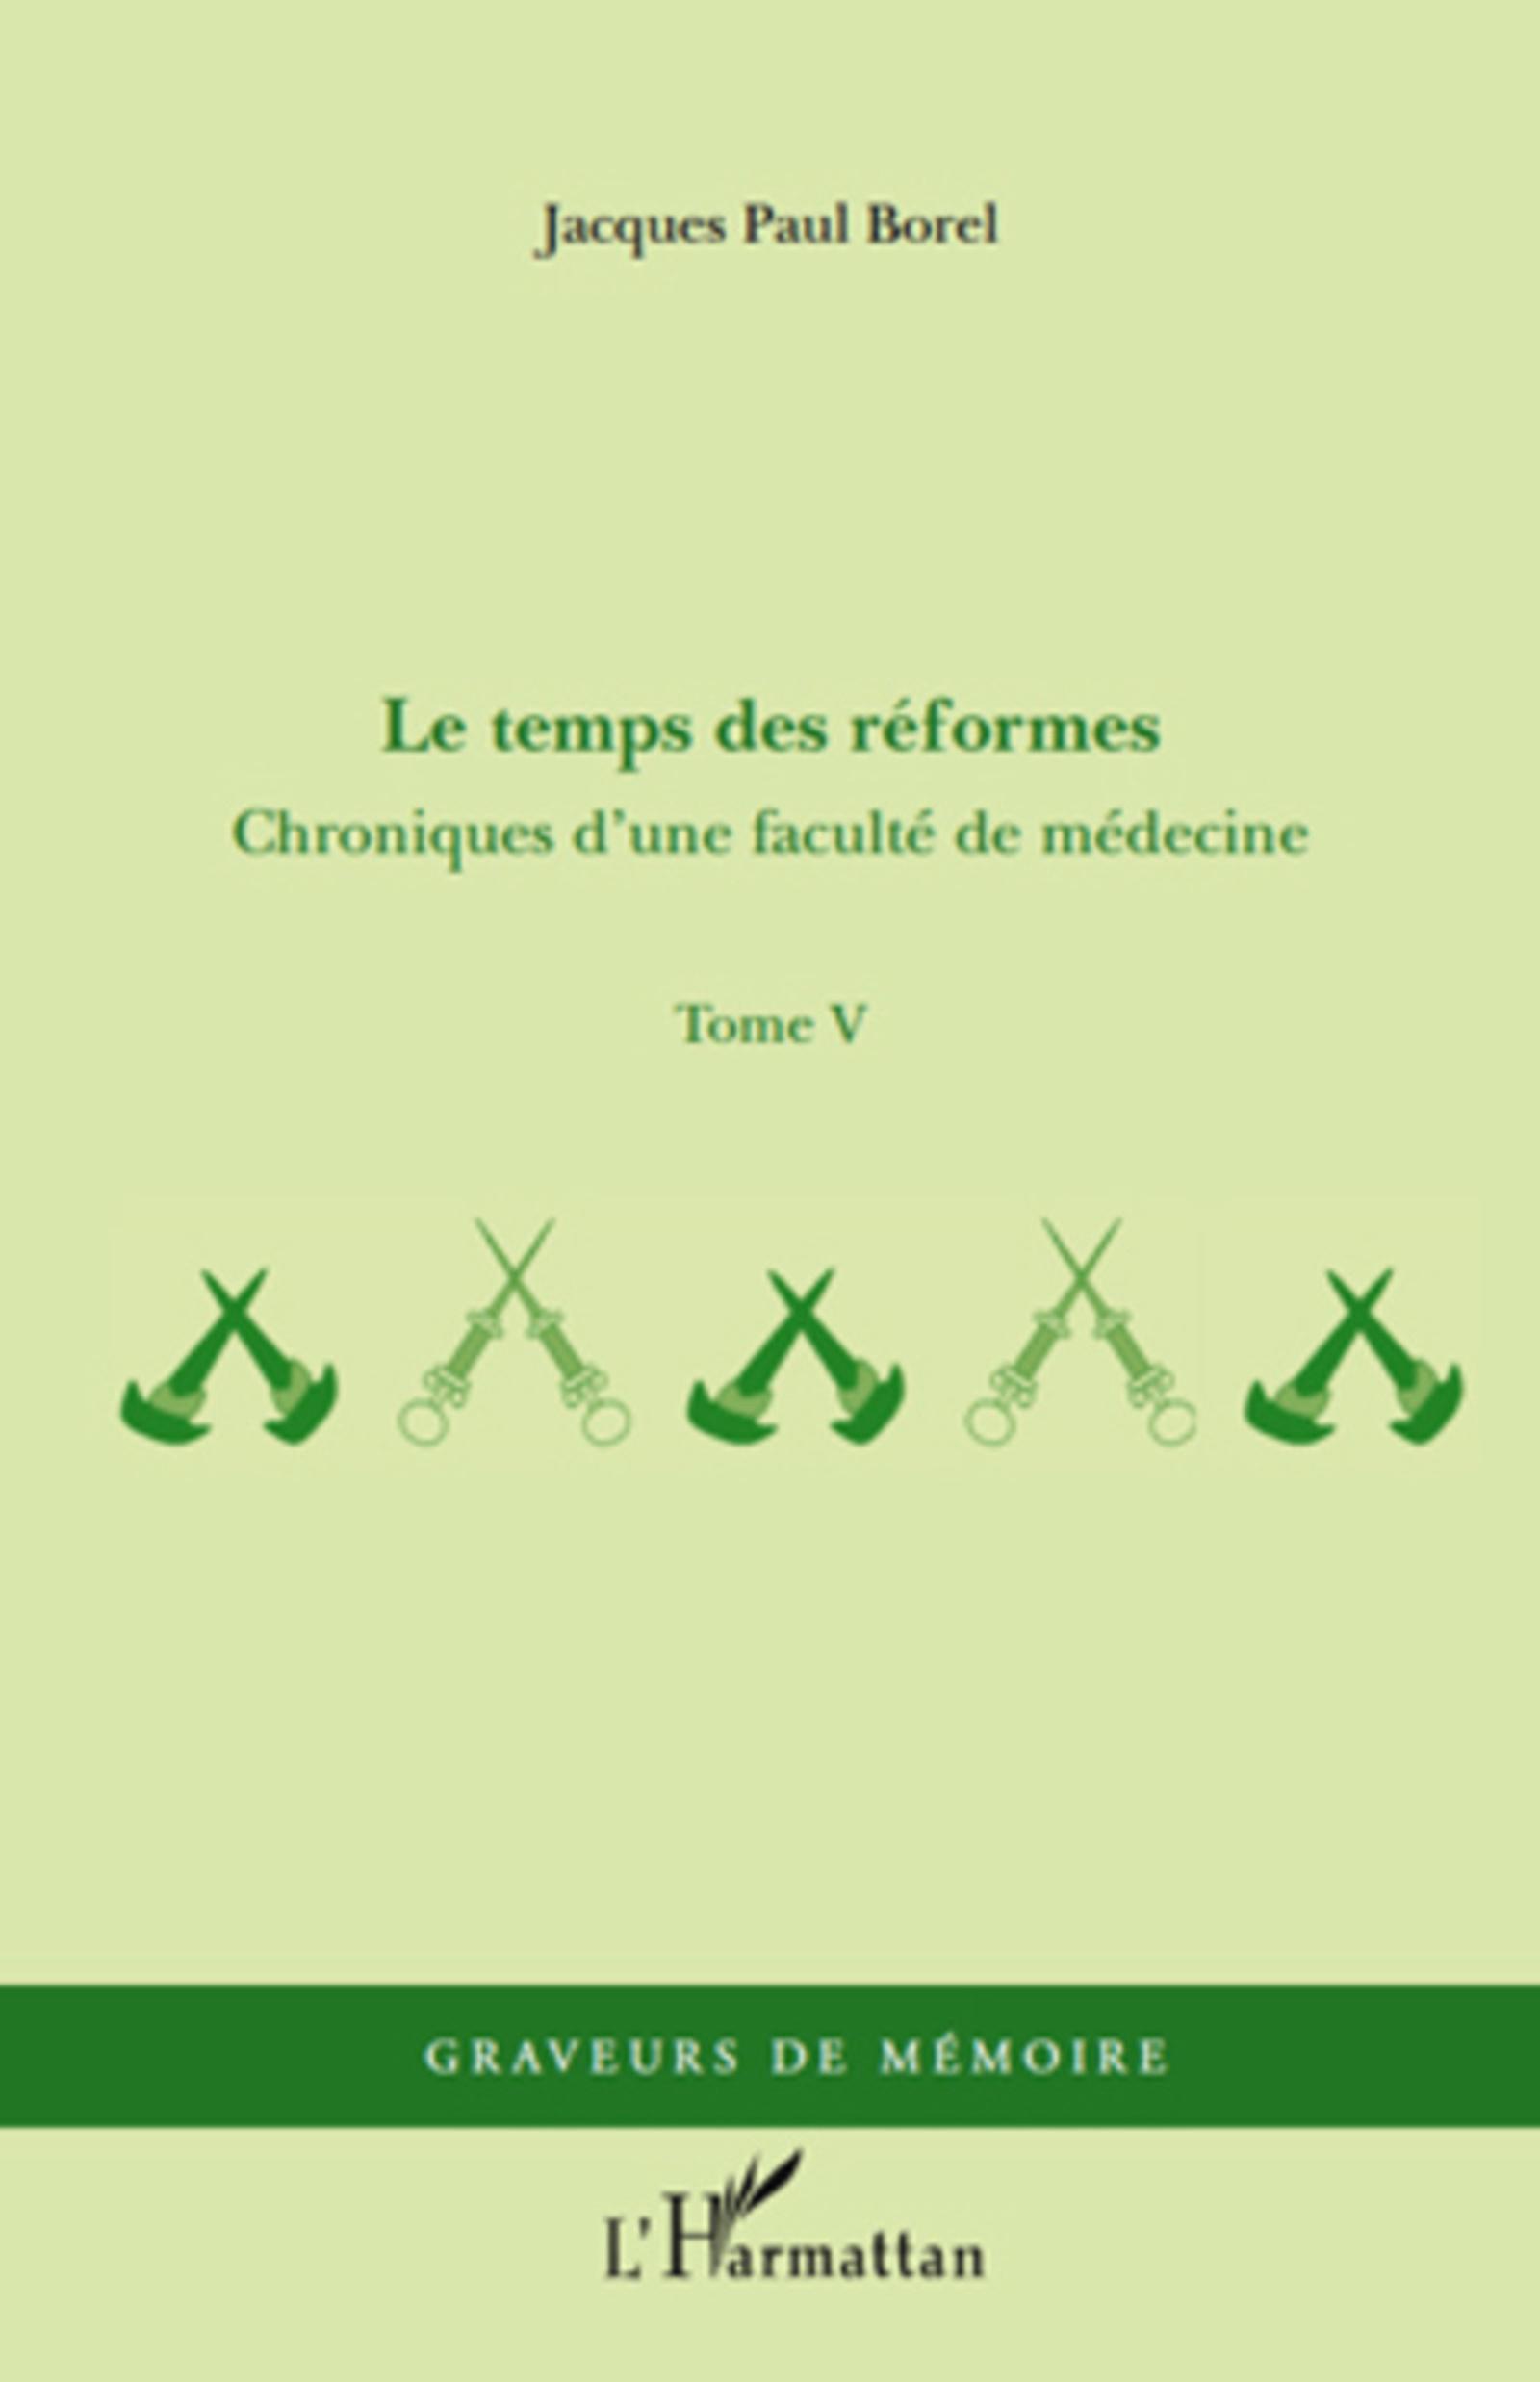 Chroniques d'une faculté de médecine. Tome 5, Le temps des réformes - Jacques-Paul Borel